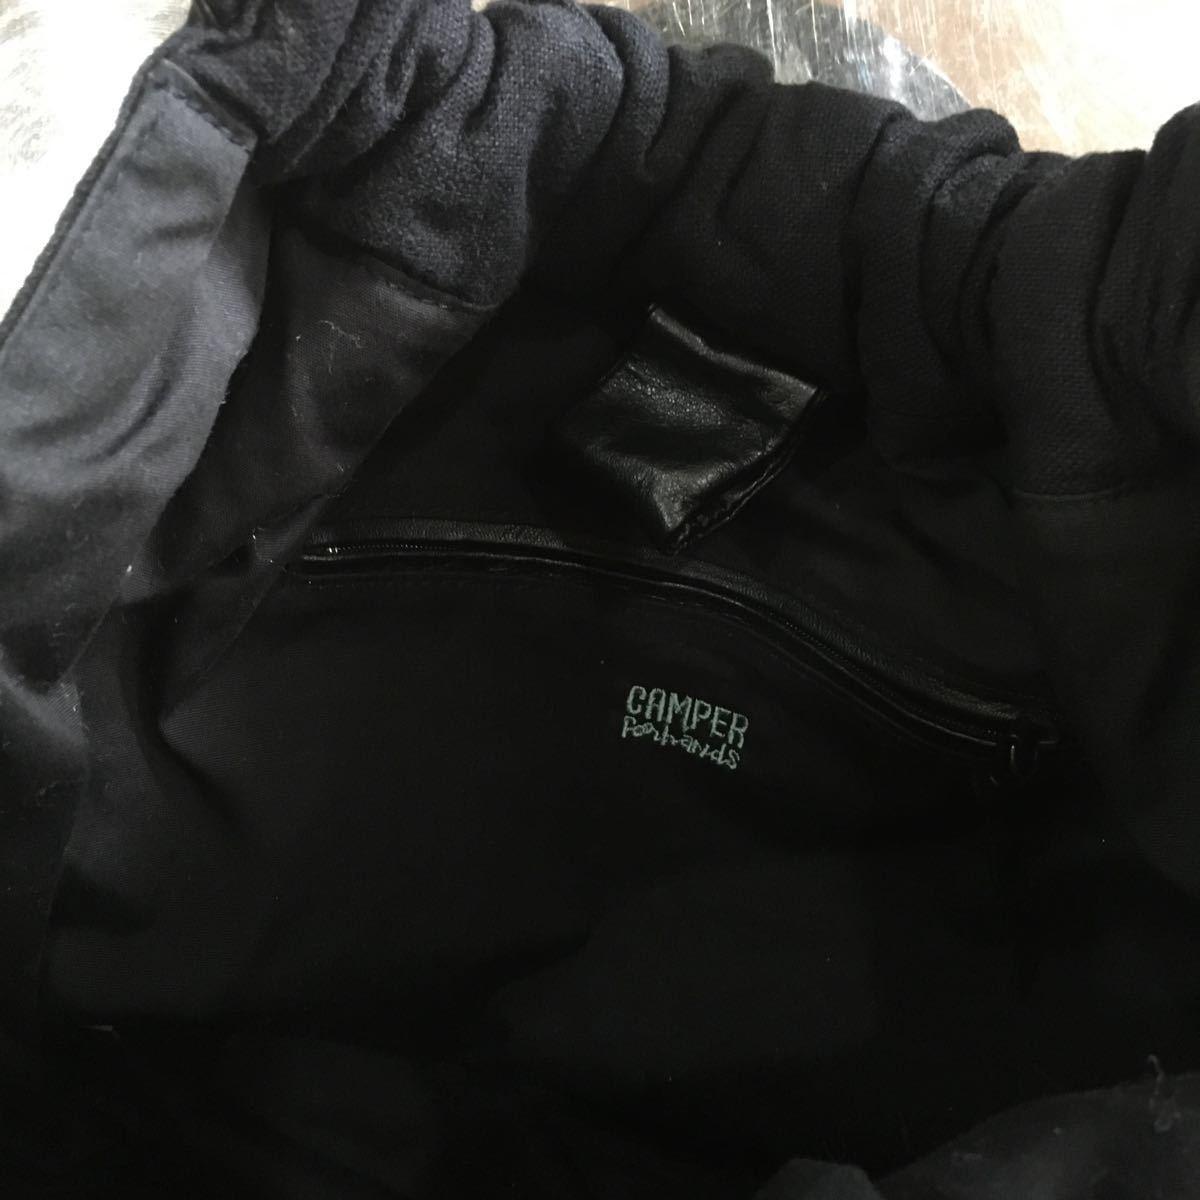 カンペール CAMPER ハンドバッグ ストロー×レザー 黒 かごバッグ 美品 バッグ 刺繍_画像4